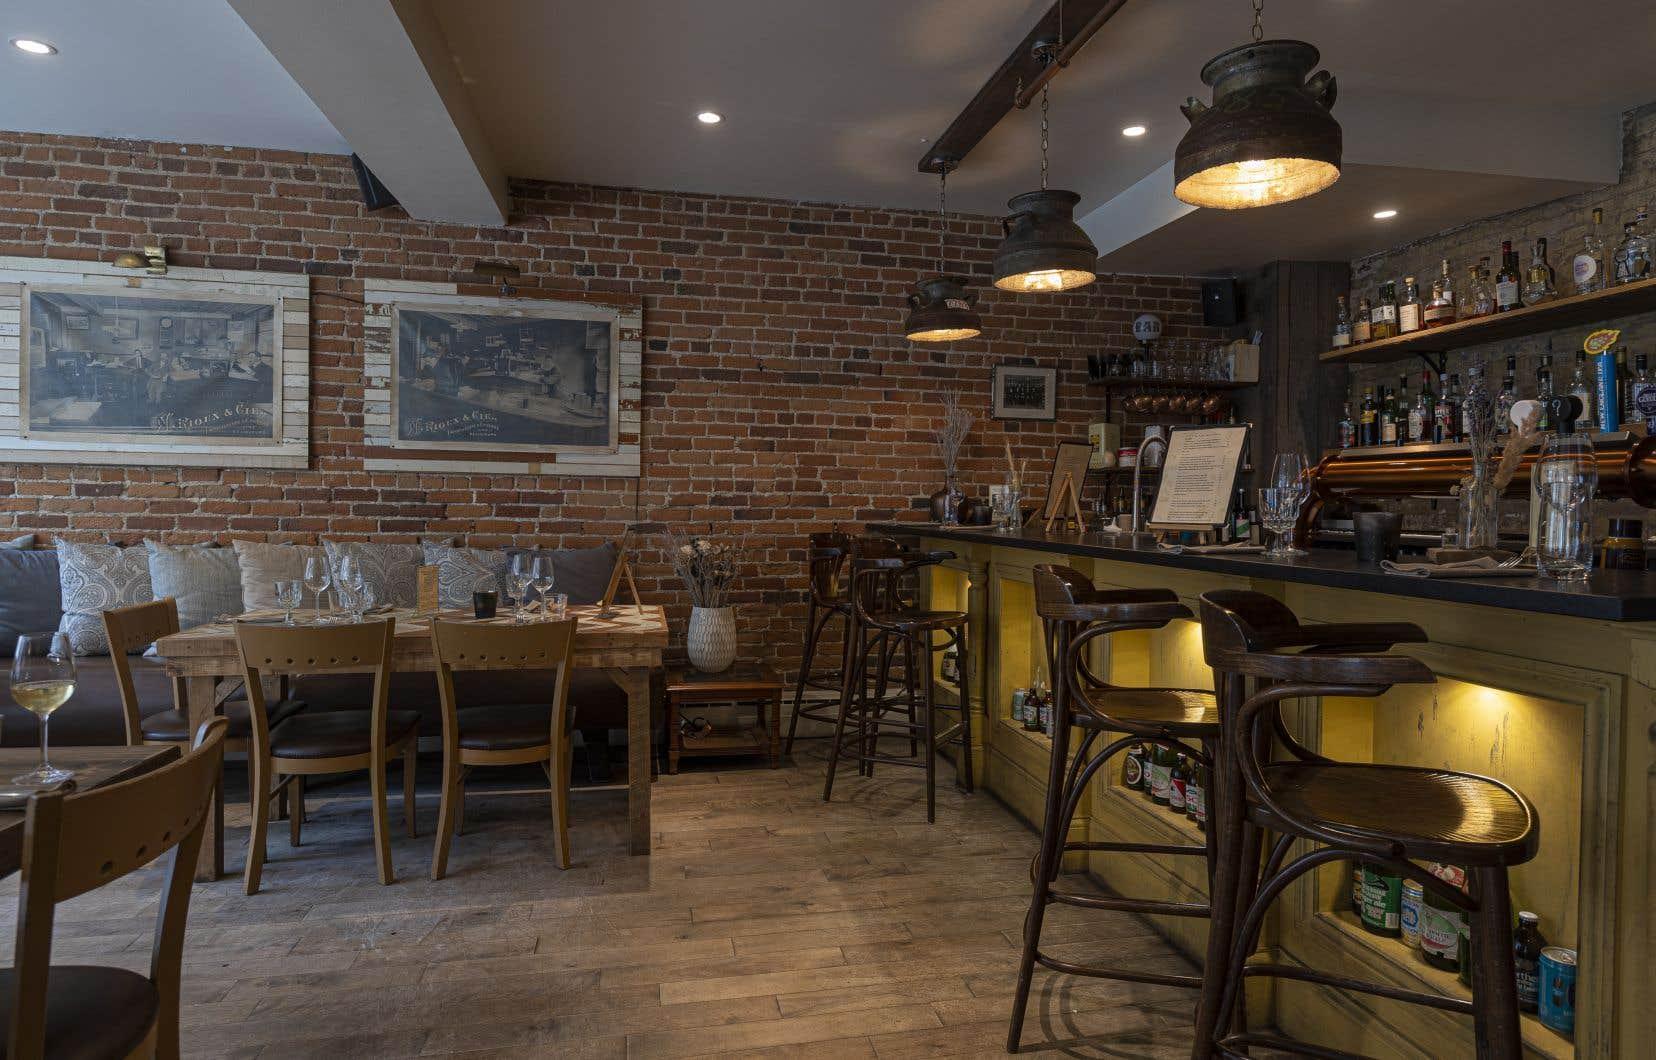 La distance entre les tables et le nombre de convives rend le restaurant plus intimiste.